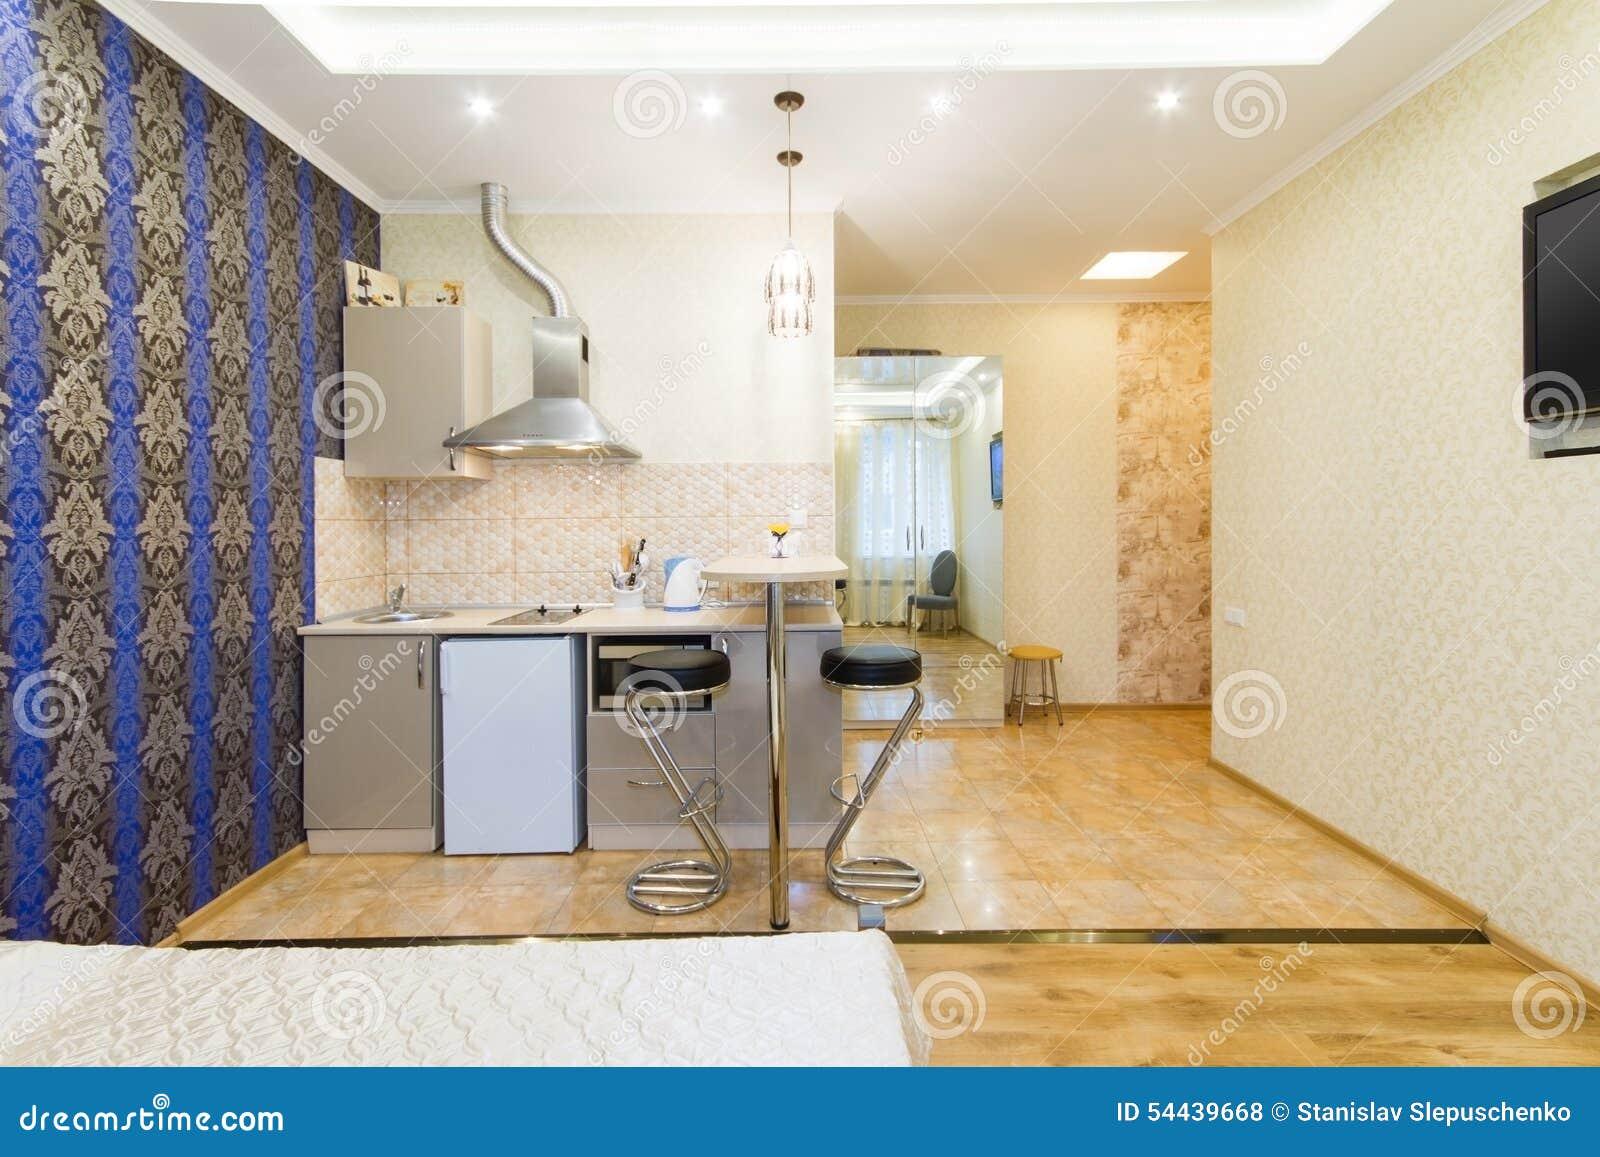 3d Fußboden Küche ~ Moderne studiowohnung küche und wohnzimmer stockfoto bild von